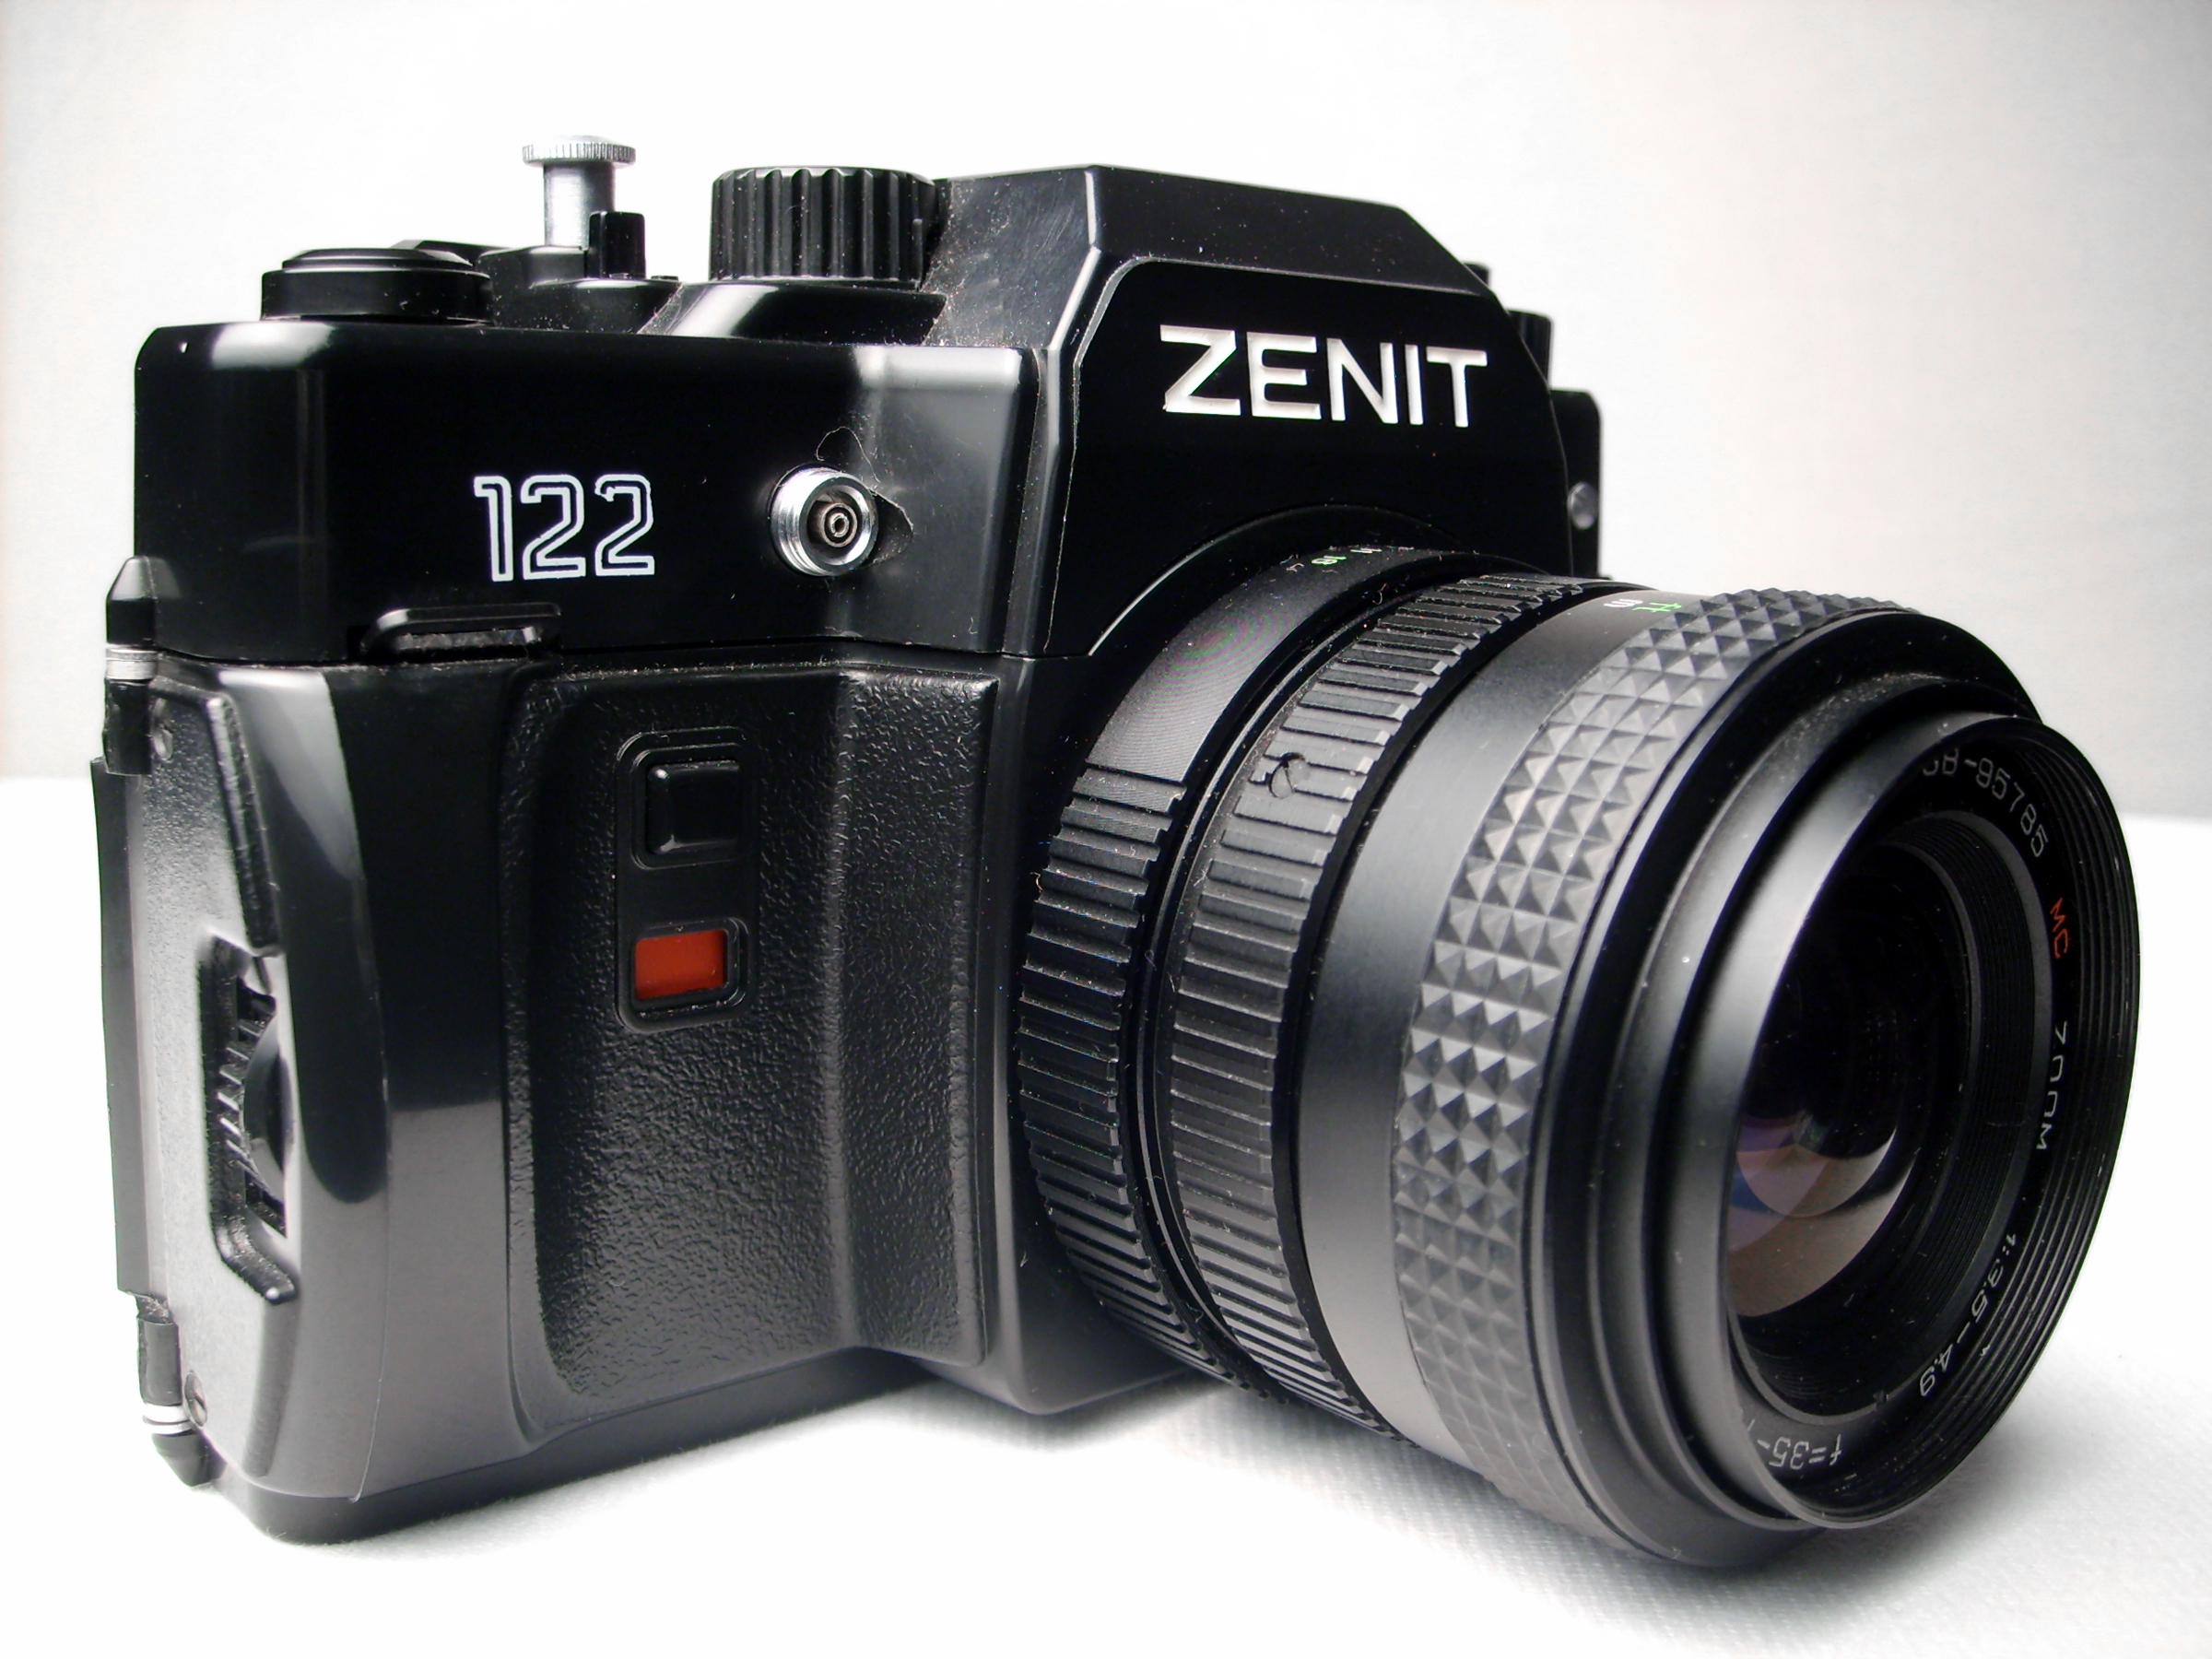 [Obrazek: Zenit_122_camera.jpg]